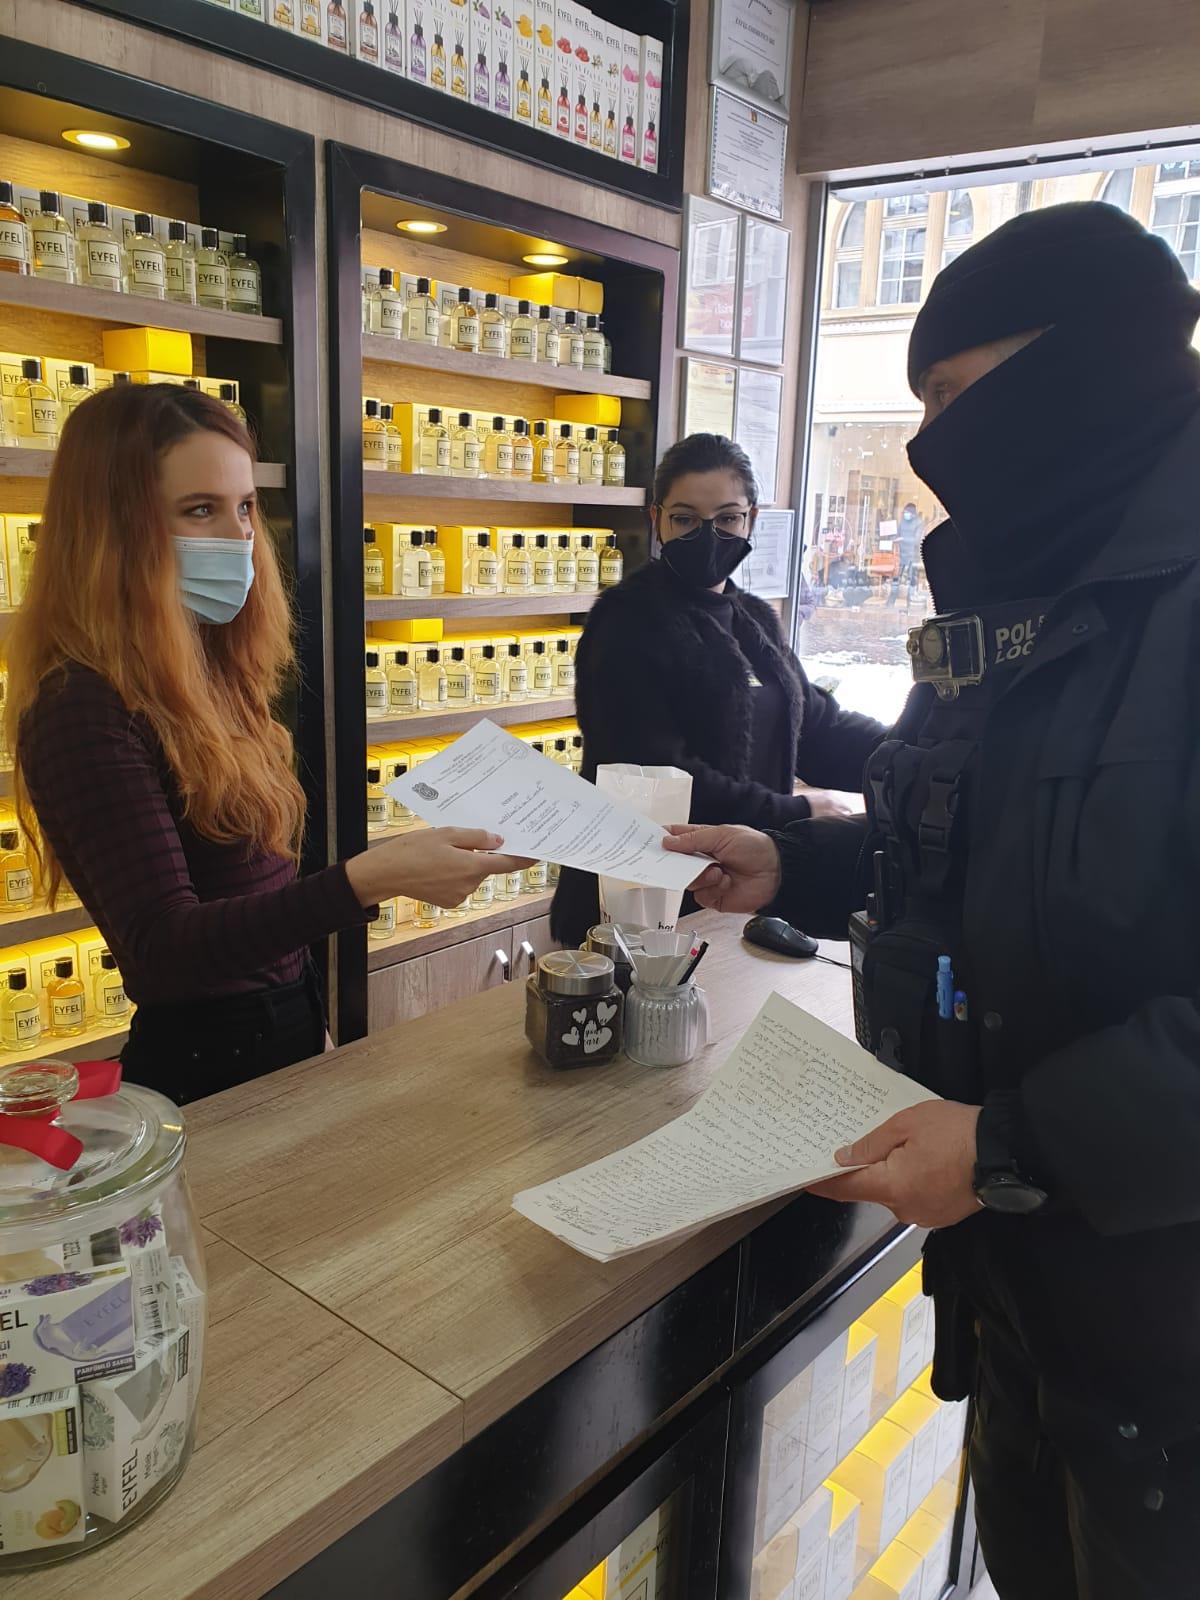 Din 70 de restaurante, baruri, cafenele sau fast-food-uri controlate de Poliția Locală, aproape jumătate n-aveau autorizație de funcționare. S-au dat amenzi de 12.600 de lei